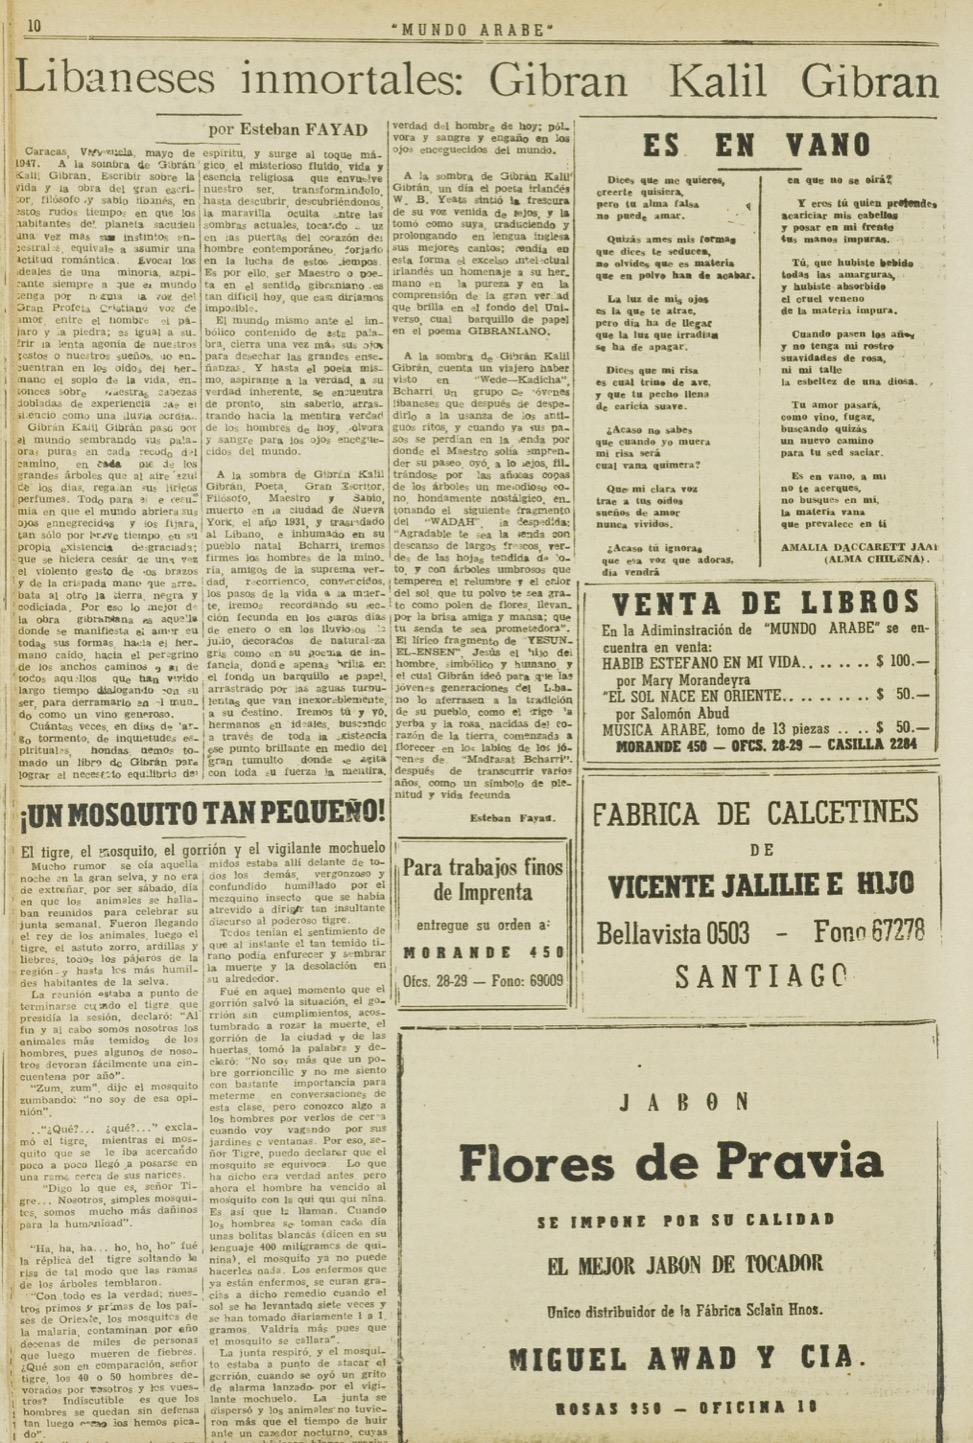 """Esteban Fayad, """"Libaneses inmortales: Gibran Khalil Gibran"""", Mundo Árabe, Oct 20, 1947, p. 10."""